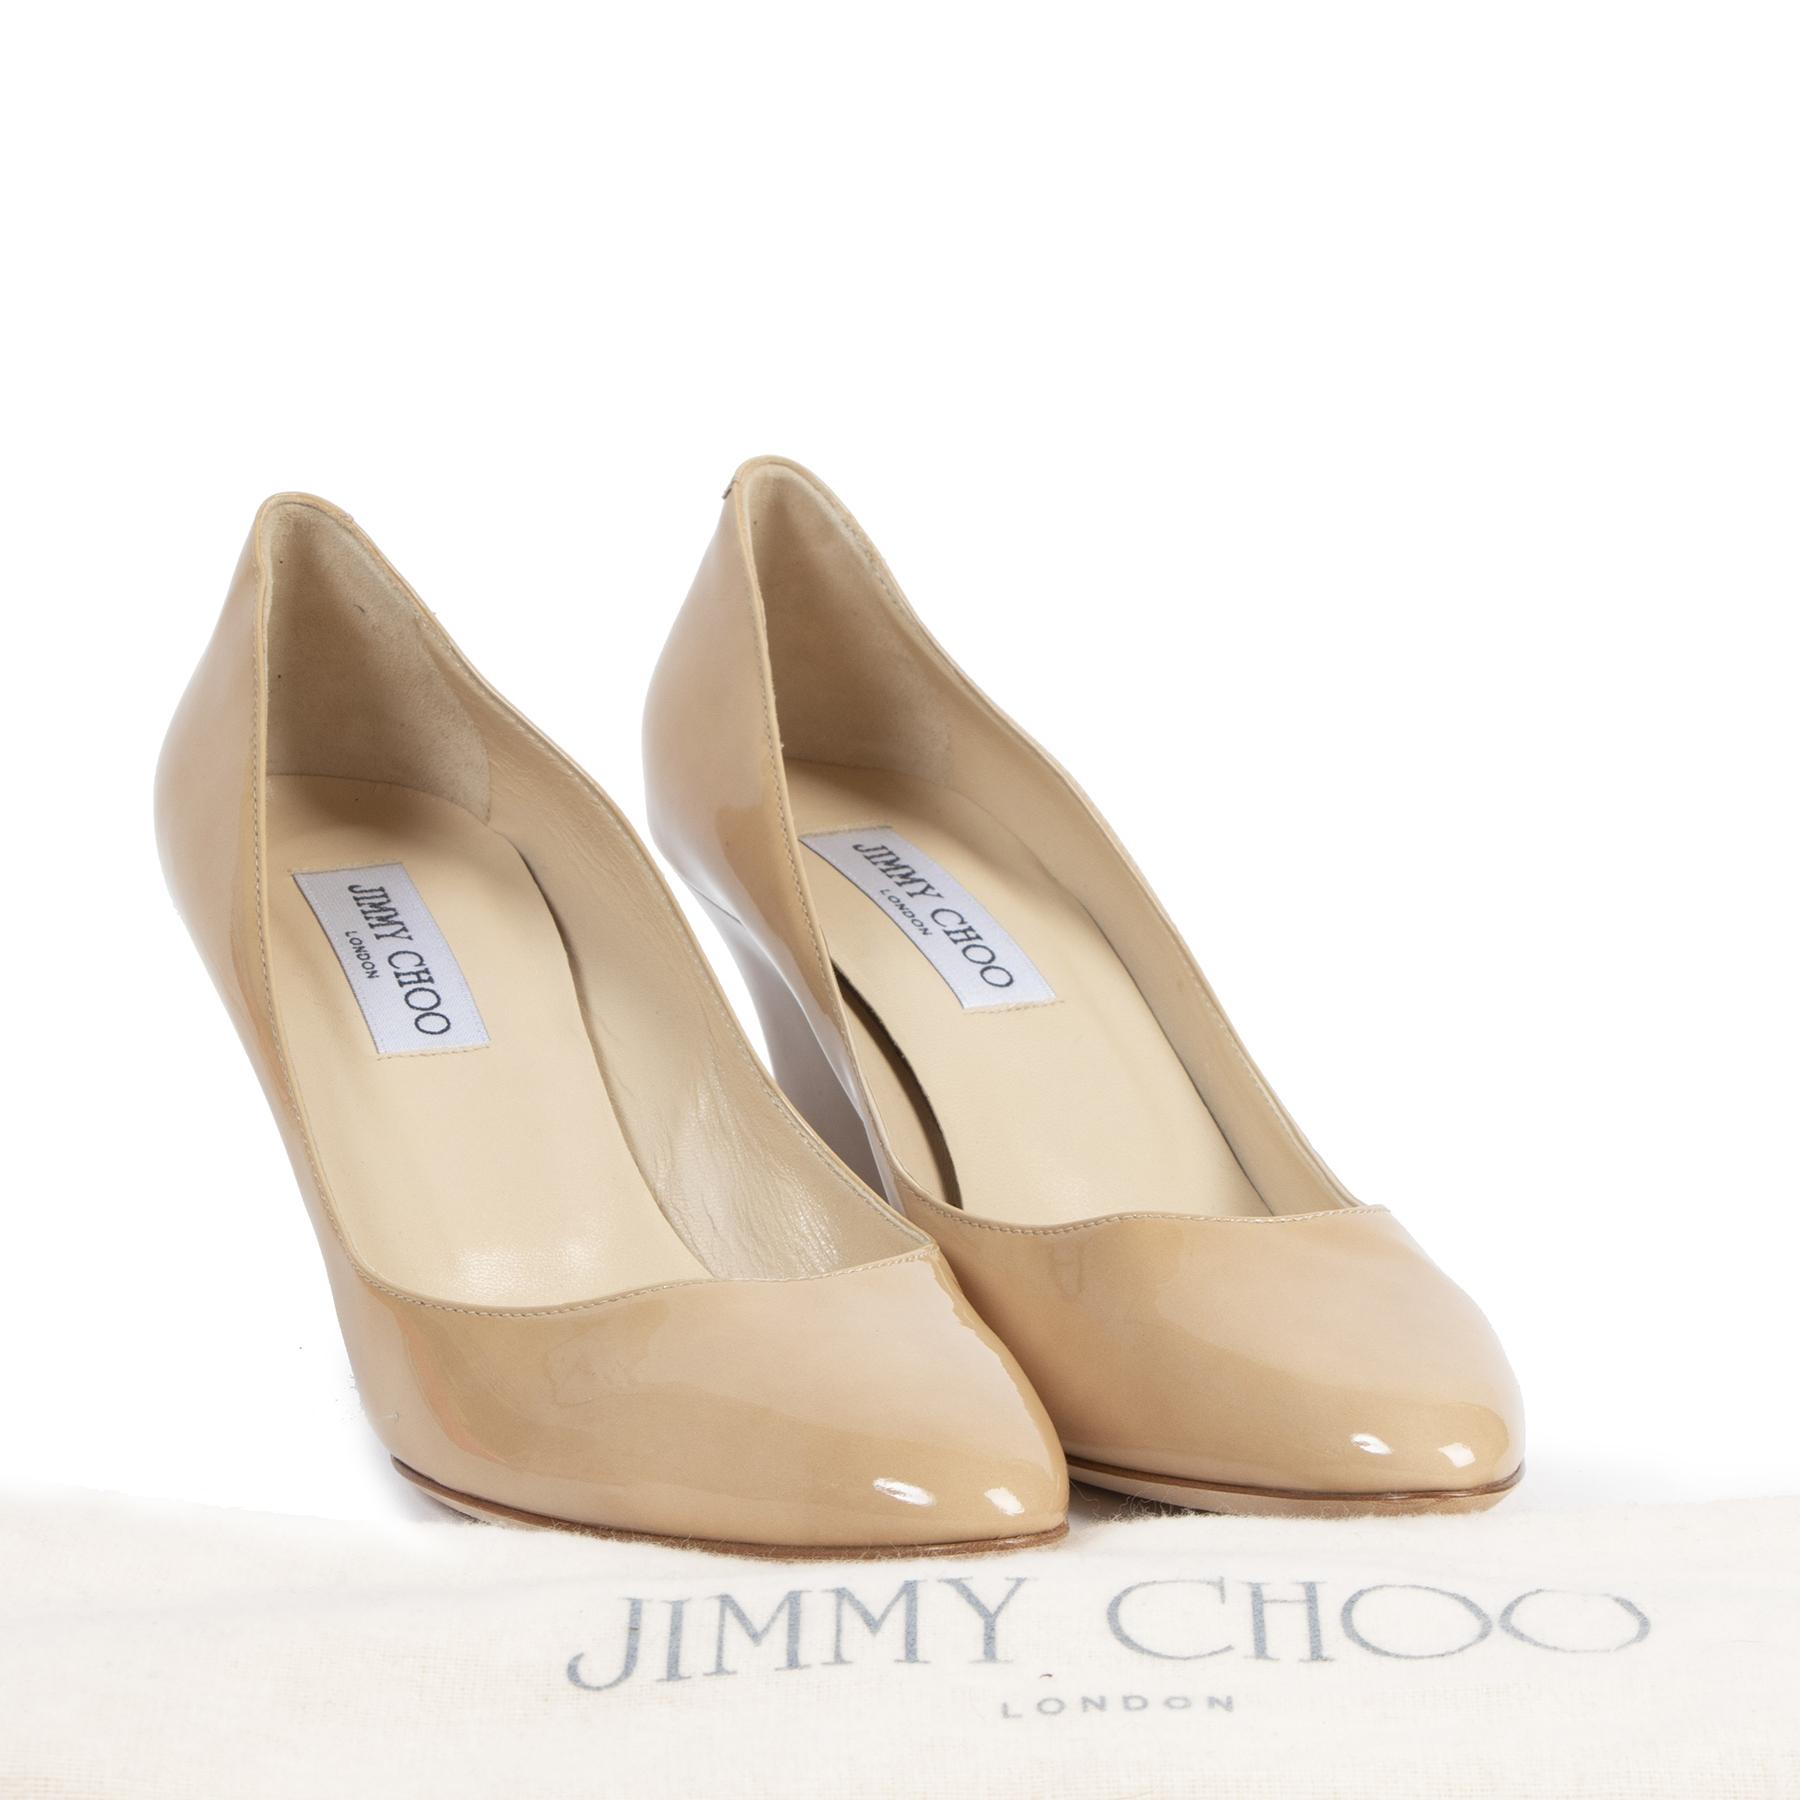 Authentieke Tweedehands Jimmy Choo Nude Patent Leather Wedge Heels - Size 40 juiste prijs veilig online shoppen luxe merken webshop winkelen Antwerpen België mode fashion